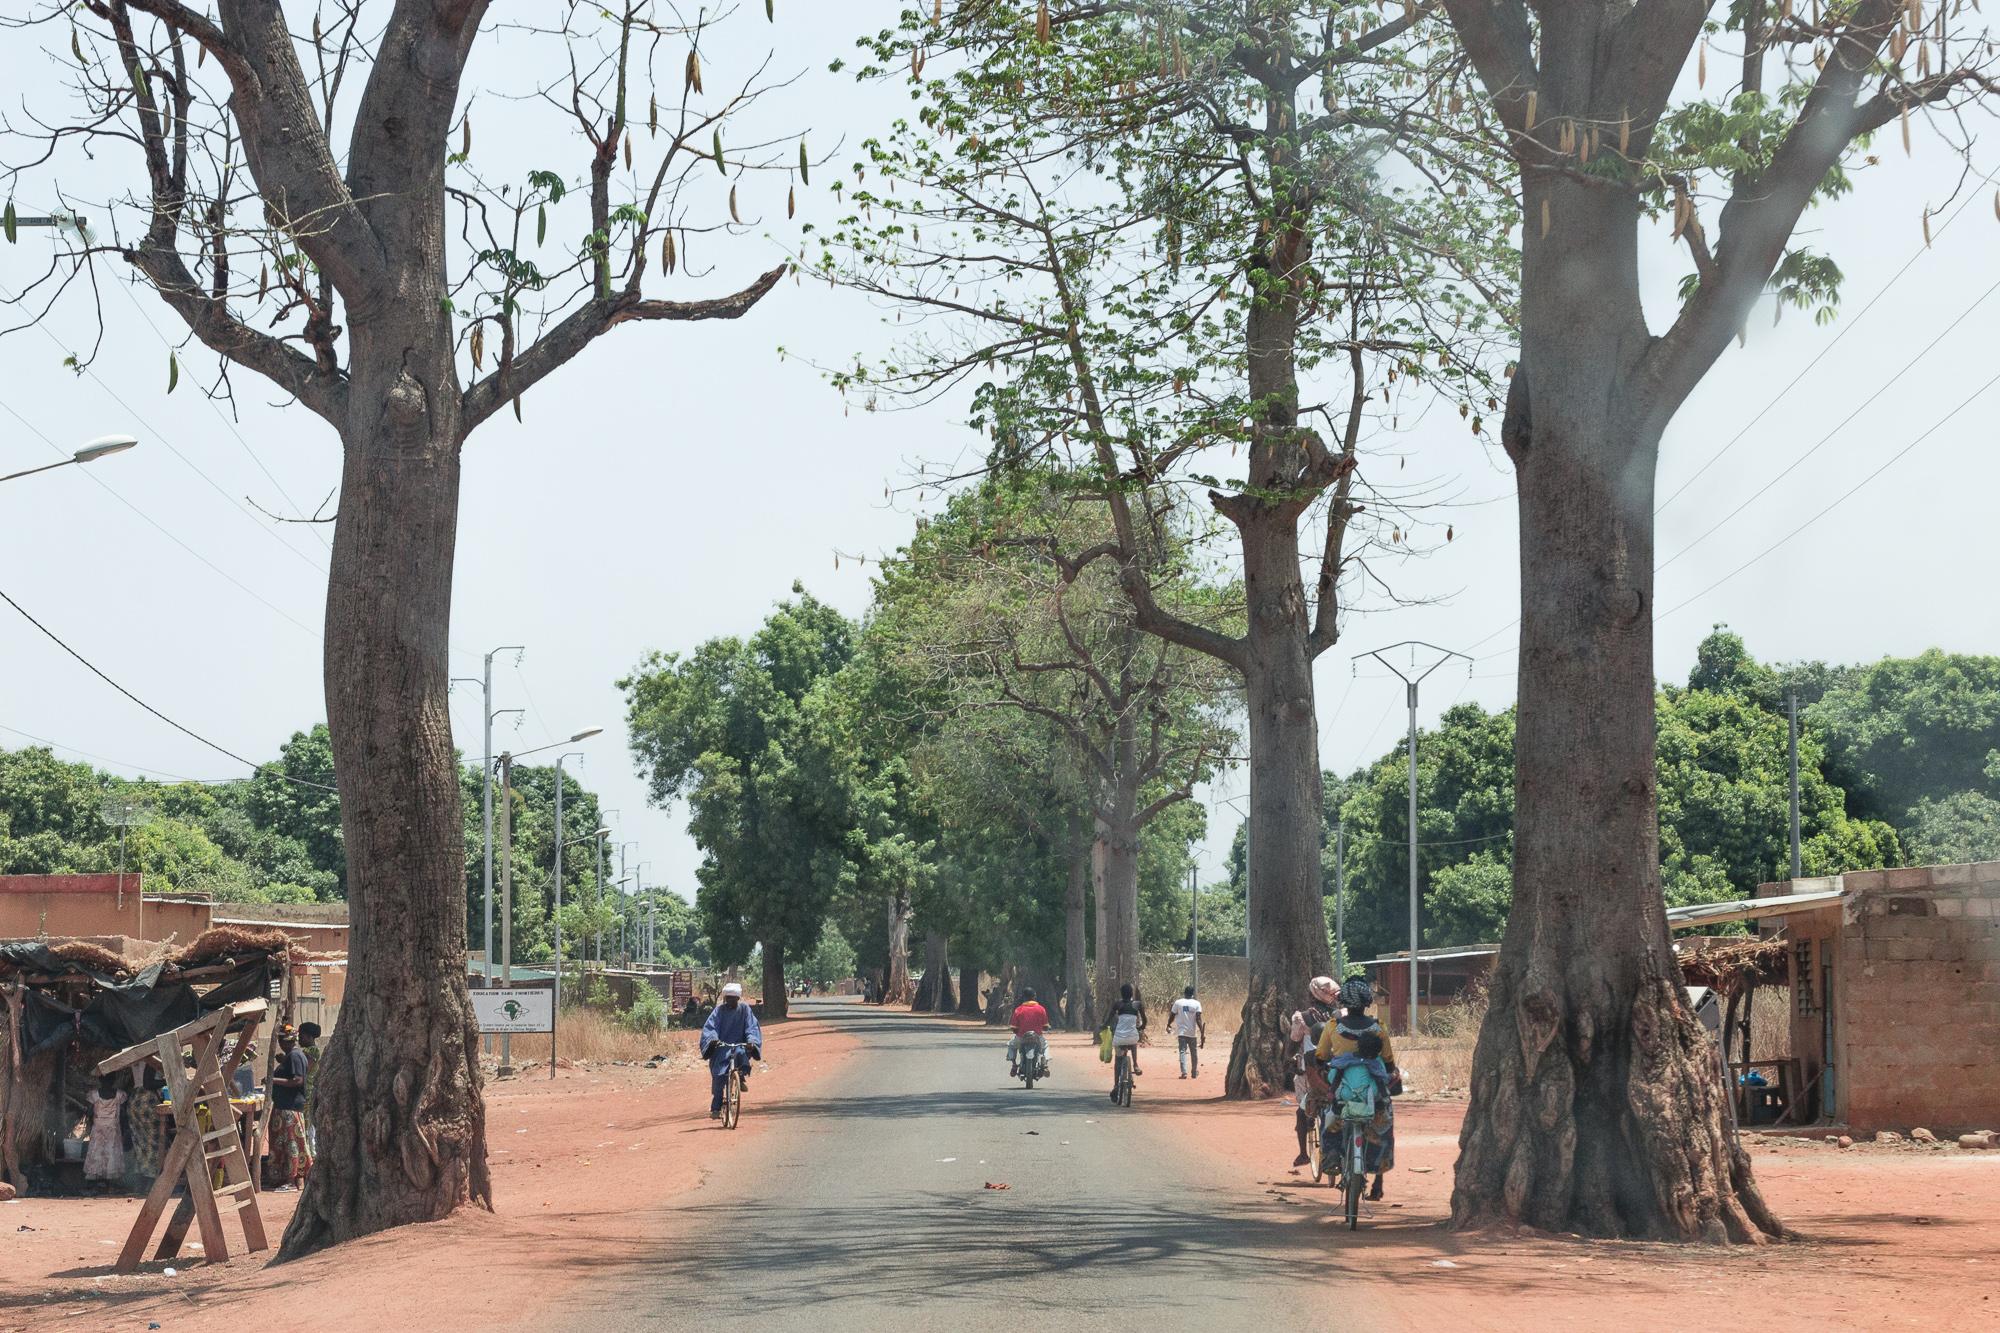 Sur la route au Burkina Faso